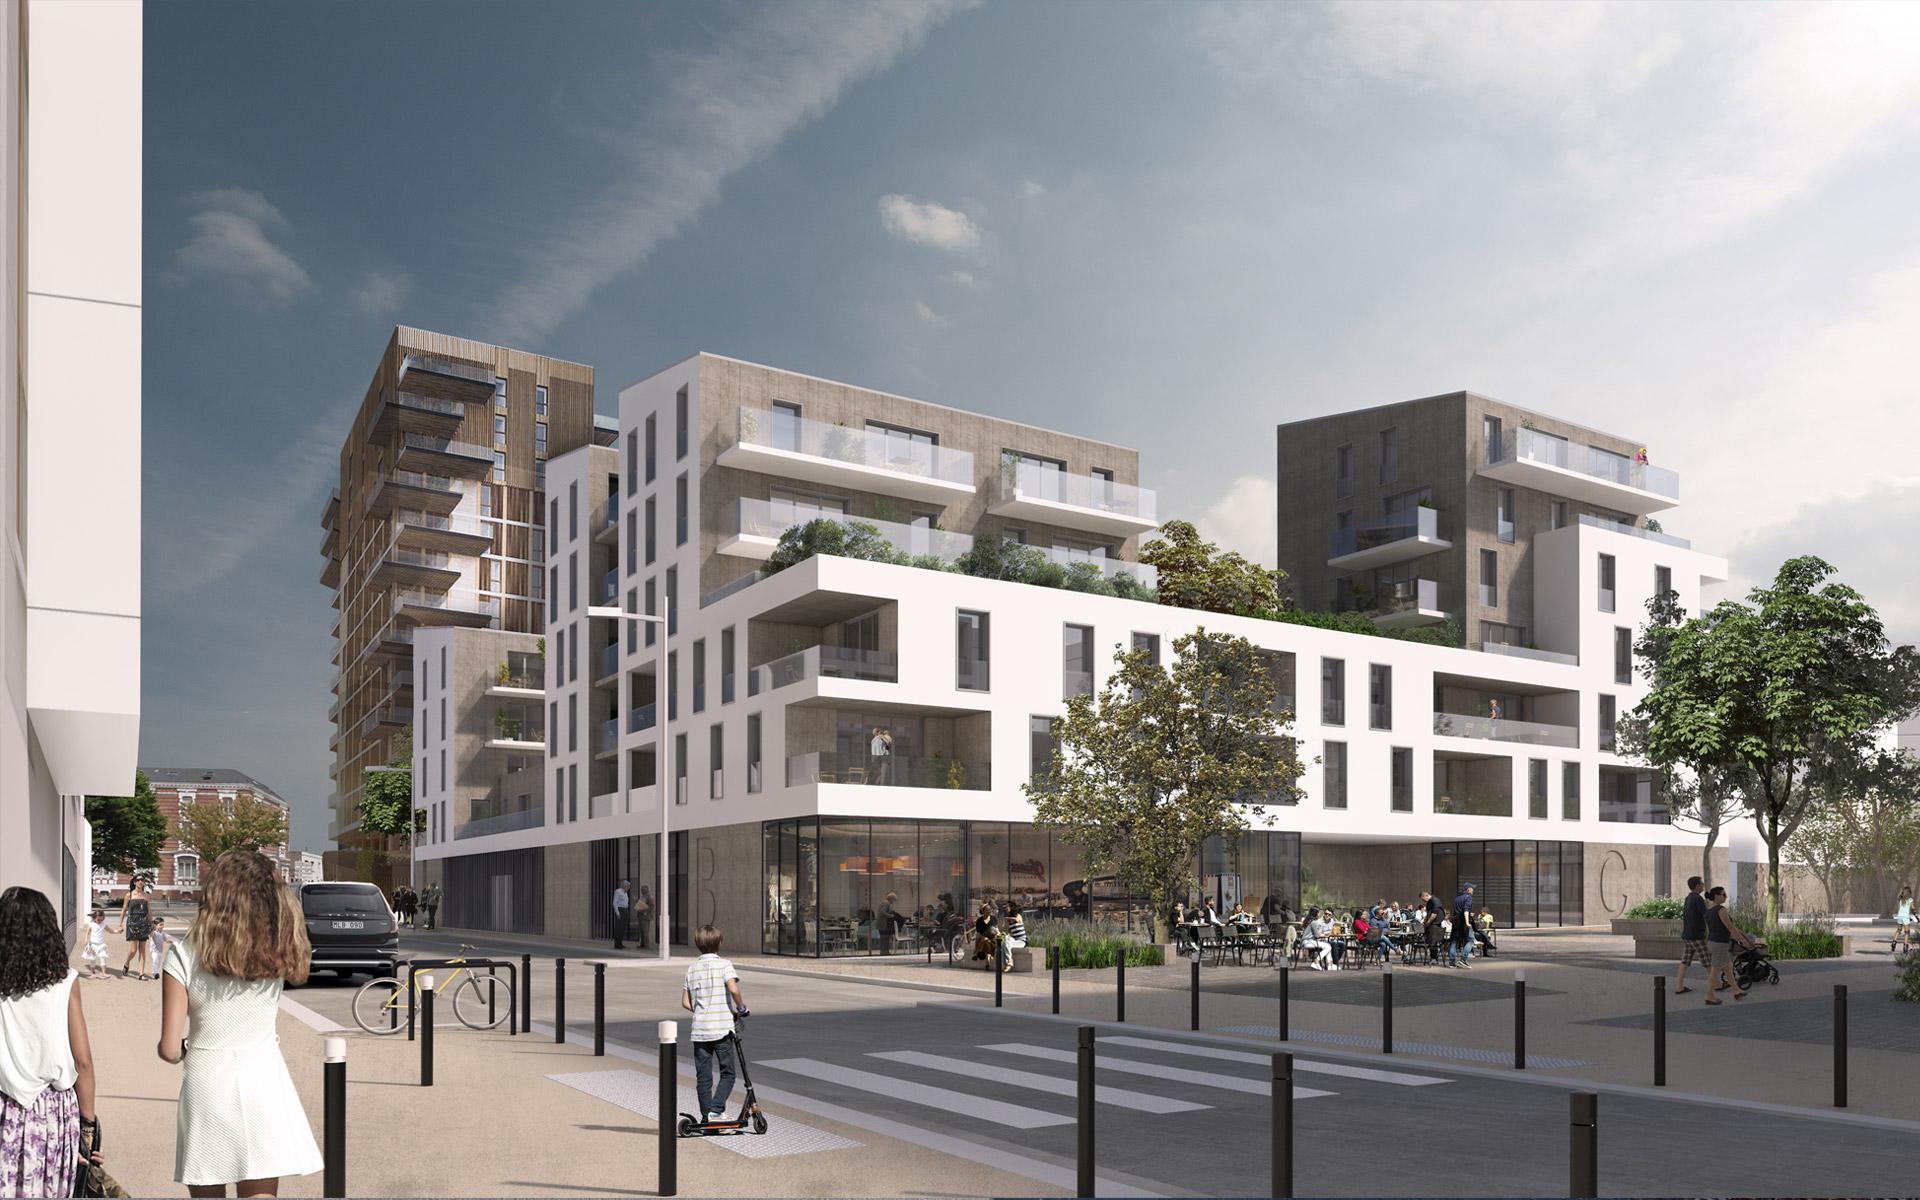 dumont-d-urville-01-le-havre-architecture-bretagne-paumier-architectes-1920×1200